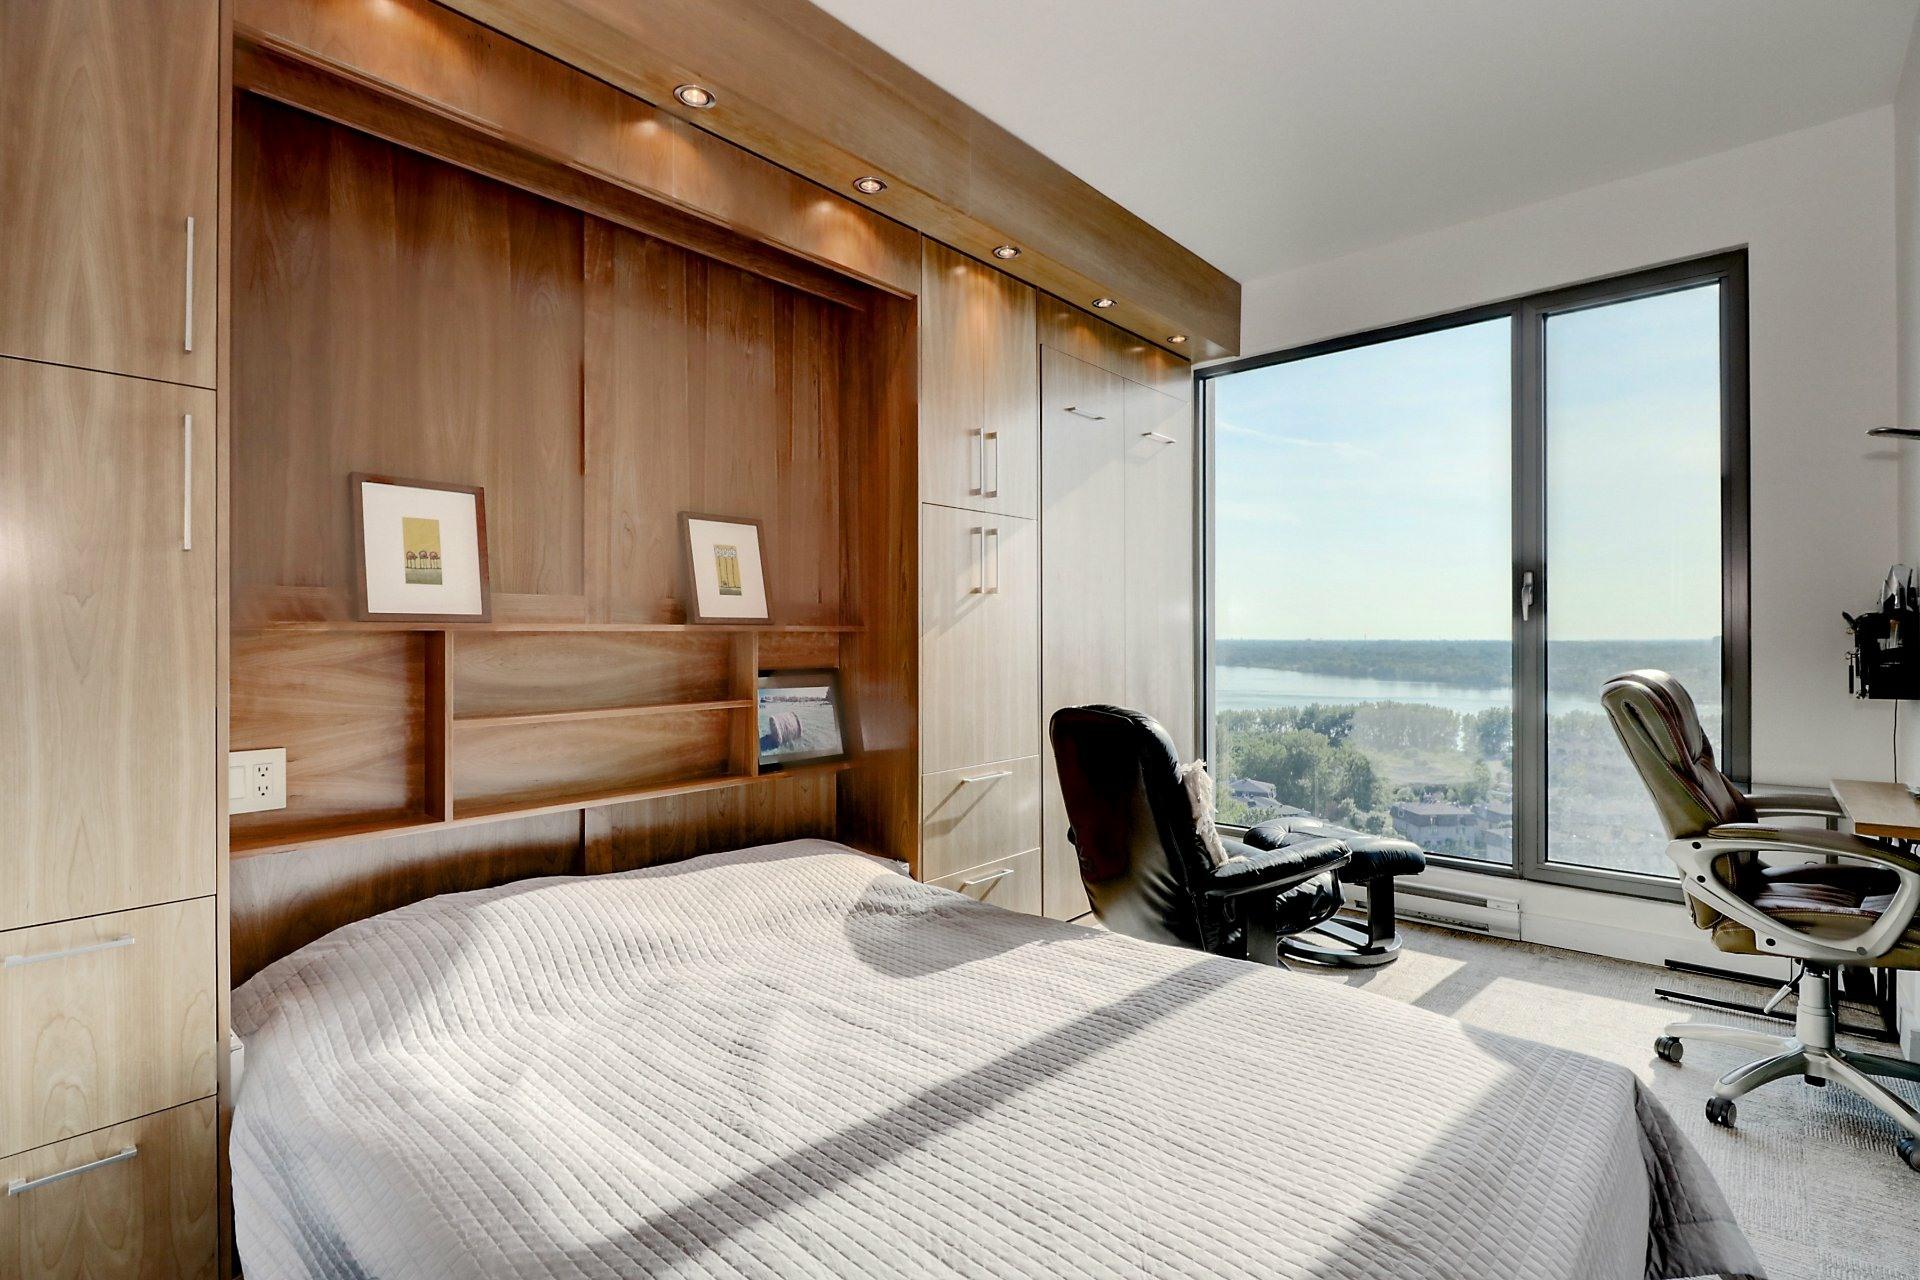 image 21 - Appartement À vendre Montréal Verdun/Île-des-Soeurs  - 9 pièces